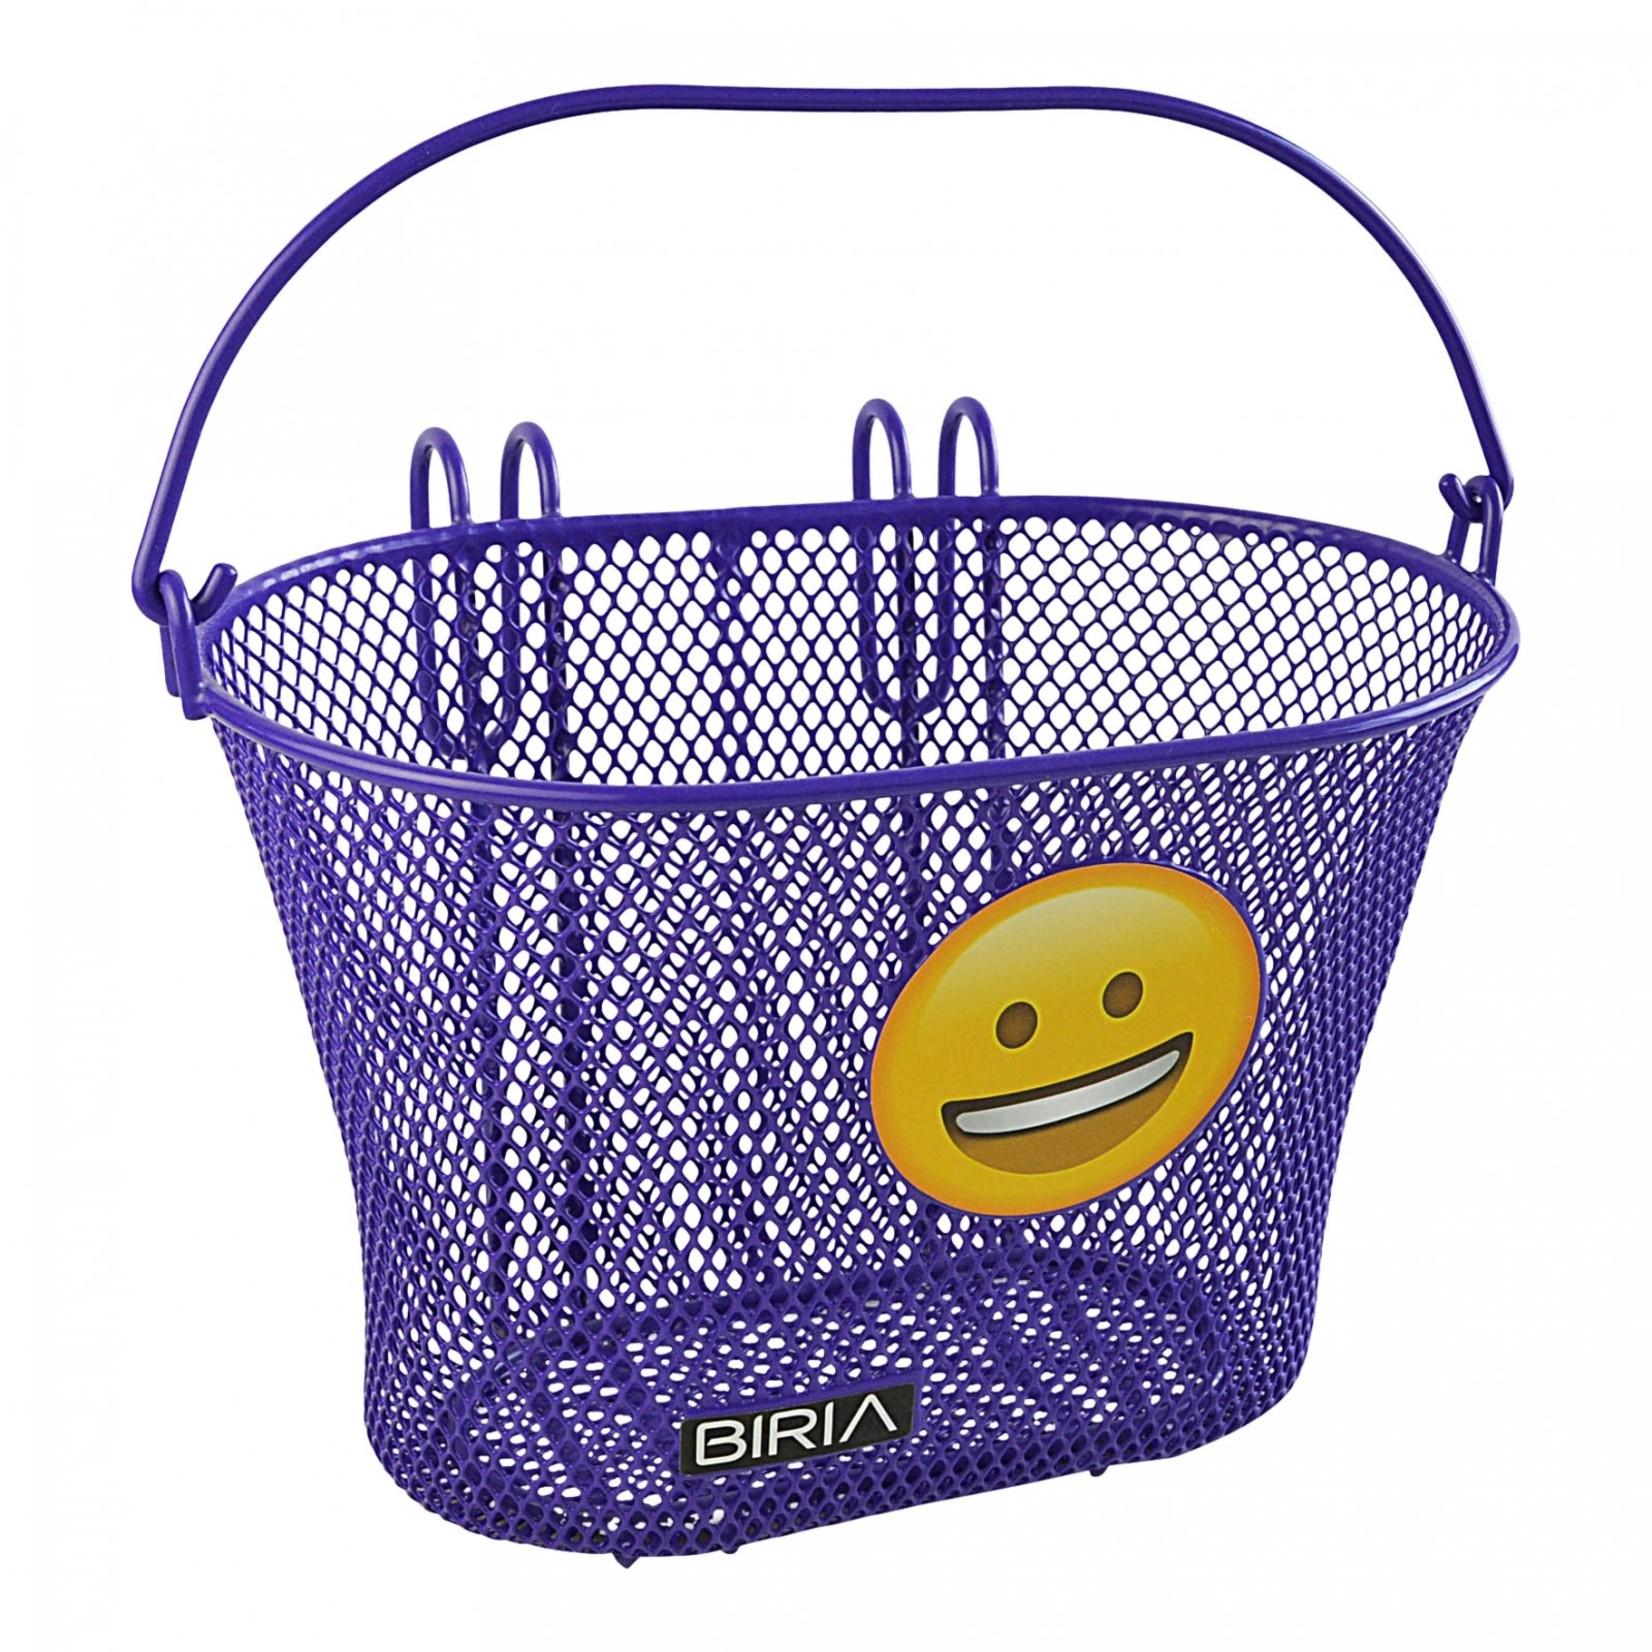 Biria Biria Children's Basket : Emoji